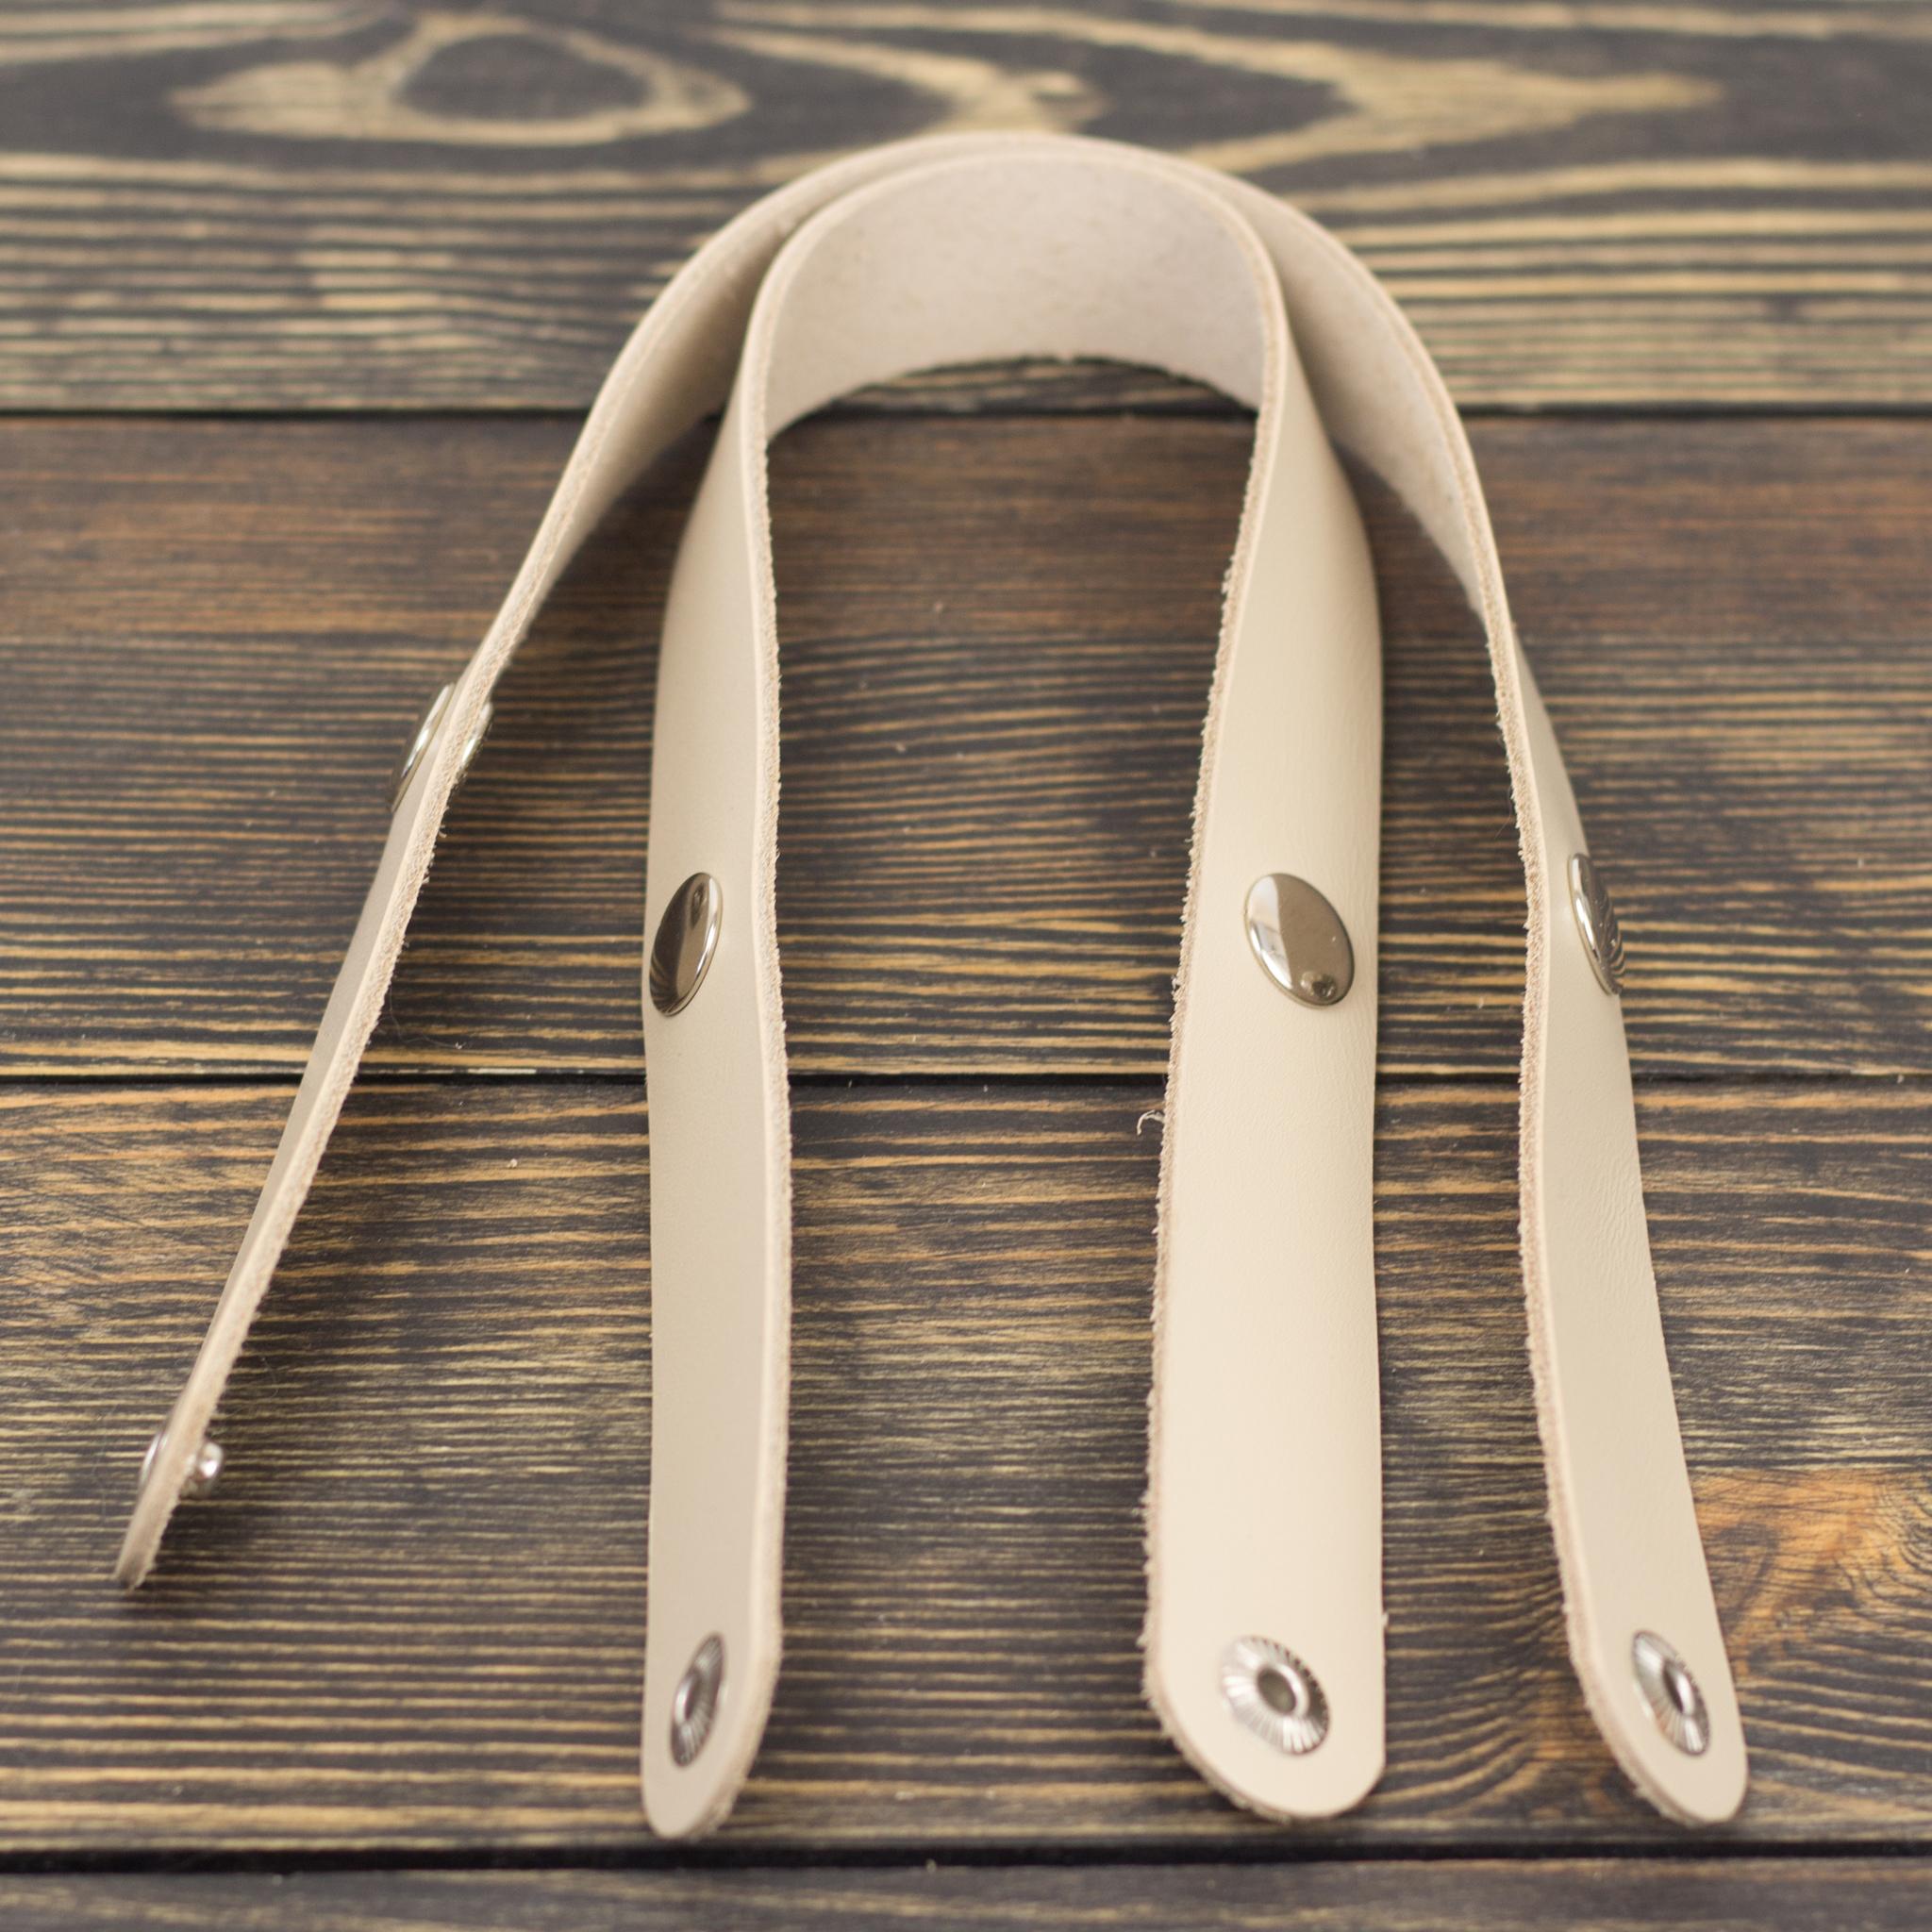 Вся фурнитура Ручки кожаные на кнопках для корзинки Кремовые 2 штуки. IMG_3612.jpg